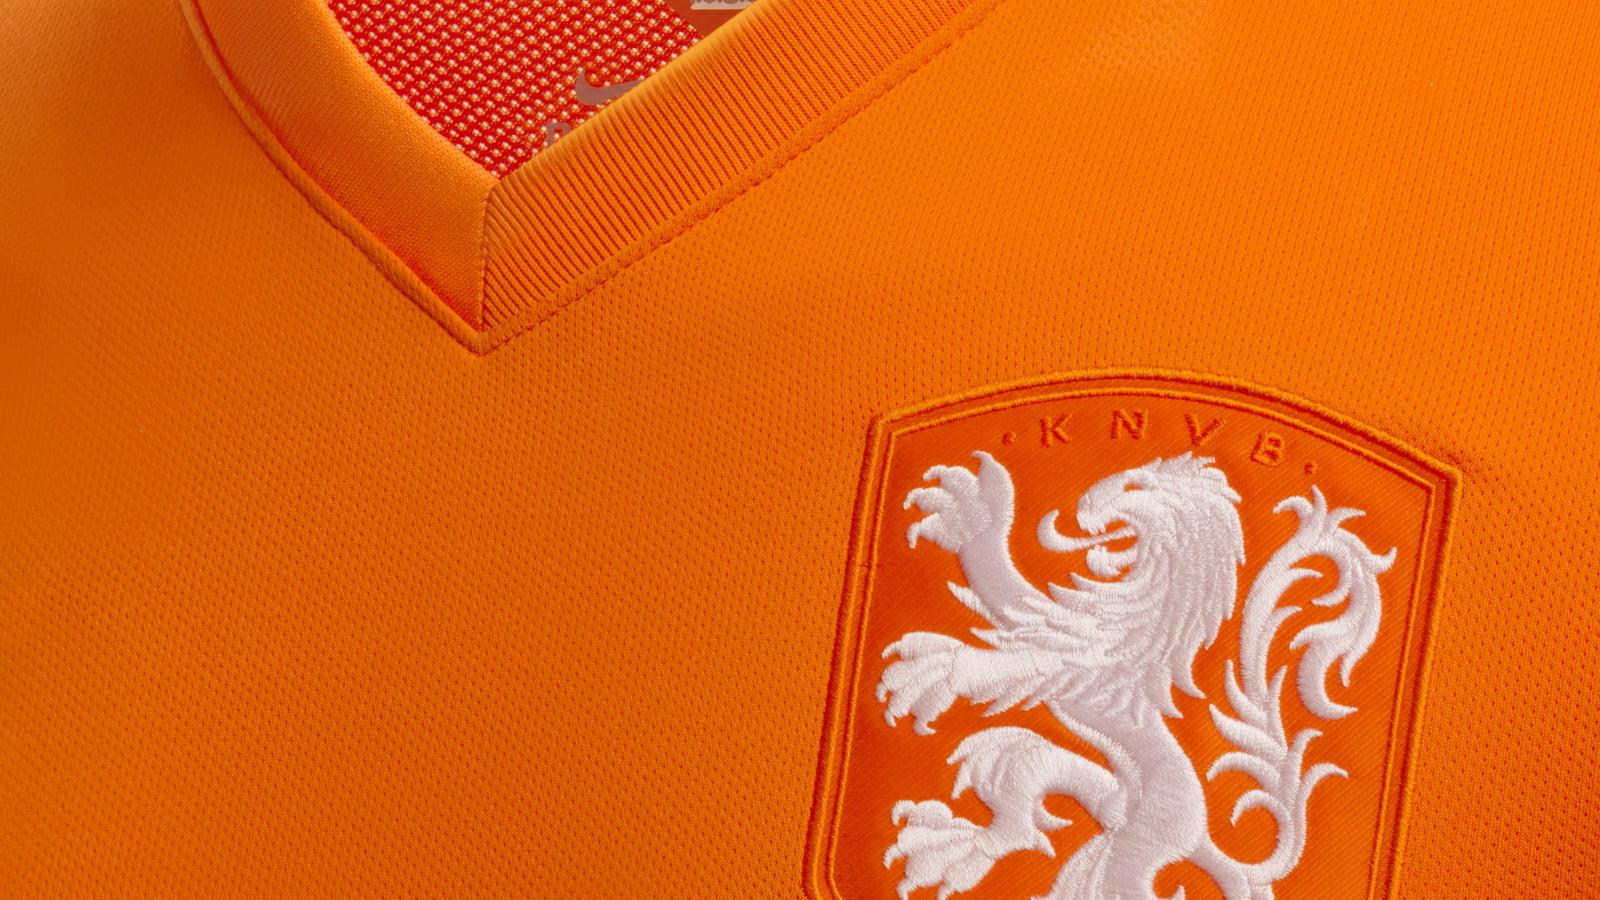 Netherlands home shirt - new crest